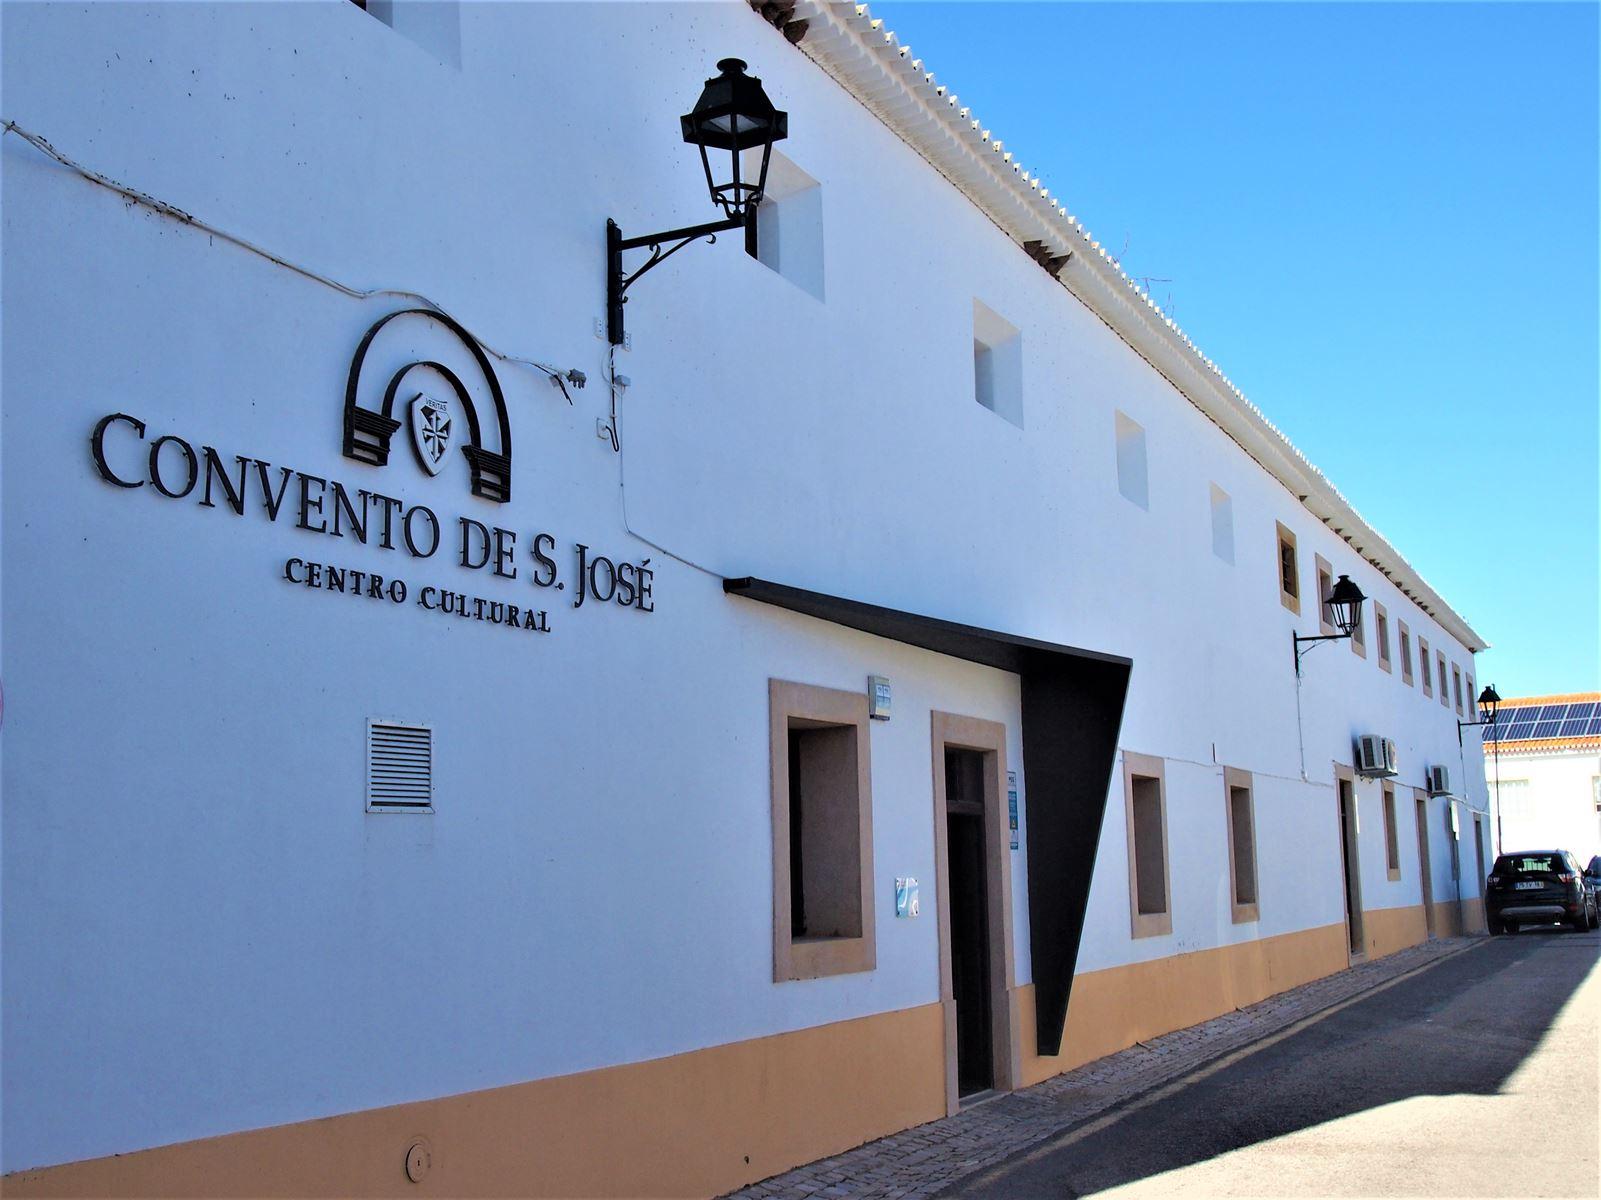 Convento de São José (Convent of St Joseph), Lagoa, Algarve